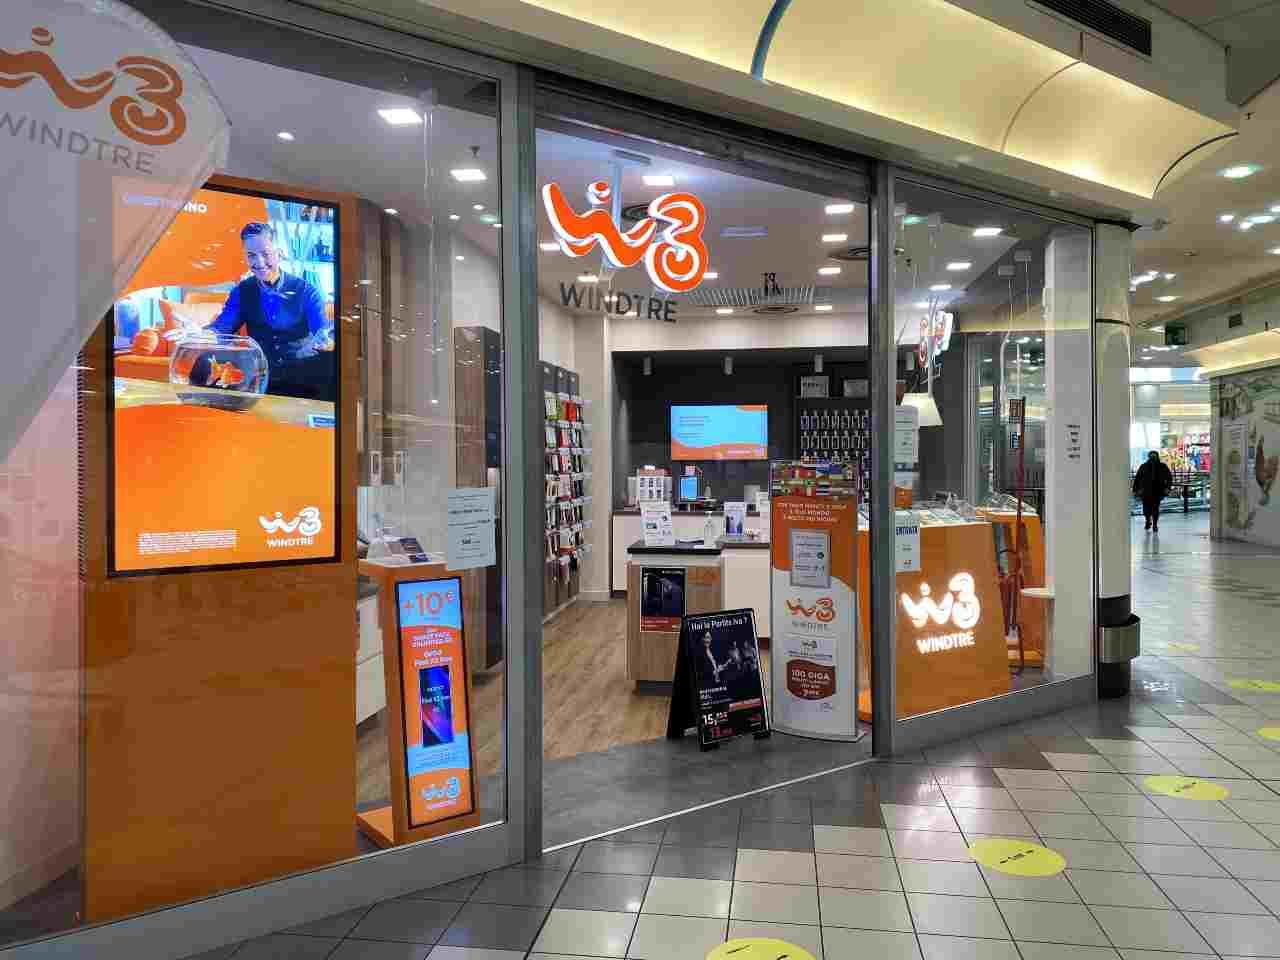 WindTre e la promo smartphone incluso - MeteoWeek.com